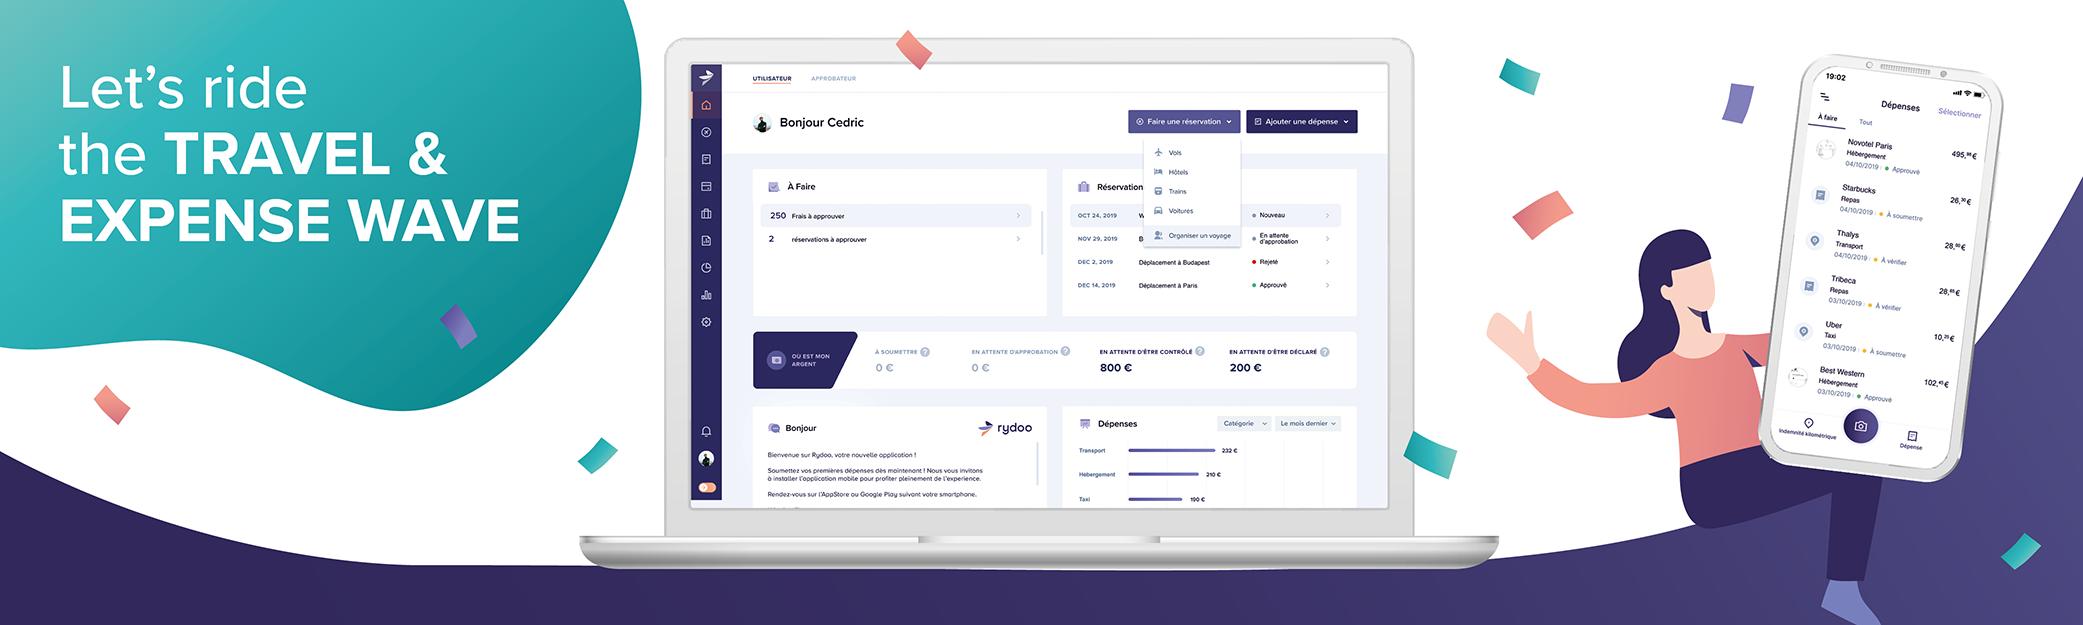 Avis Rydoo : Notes de frais et voyages à partir de 50 utilisateurs - appvizer